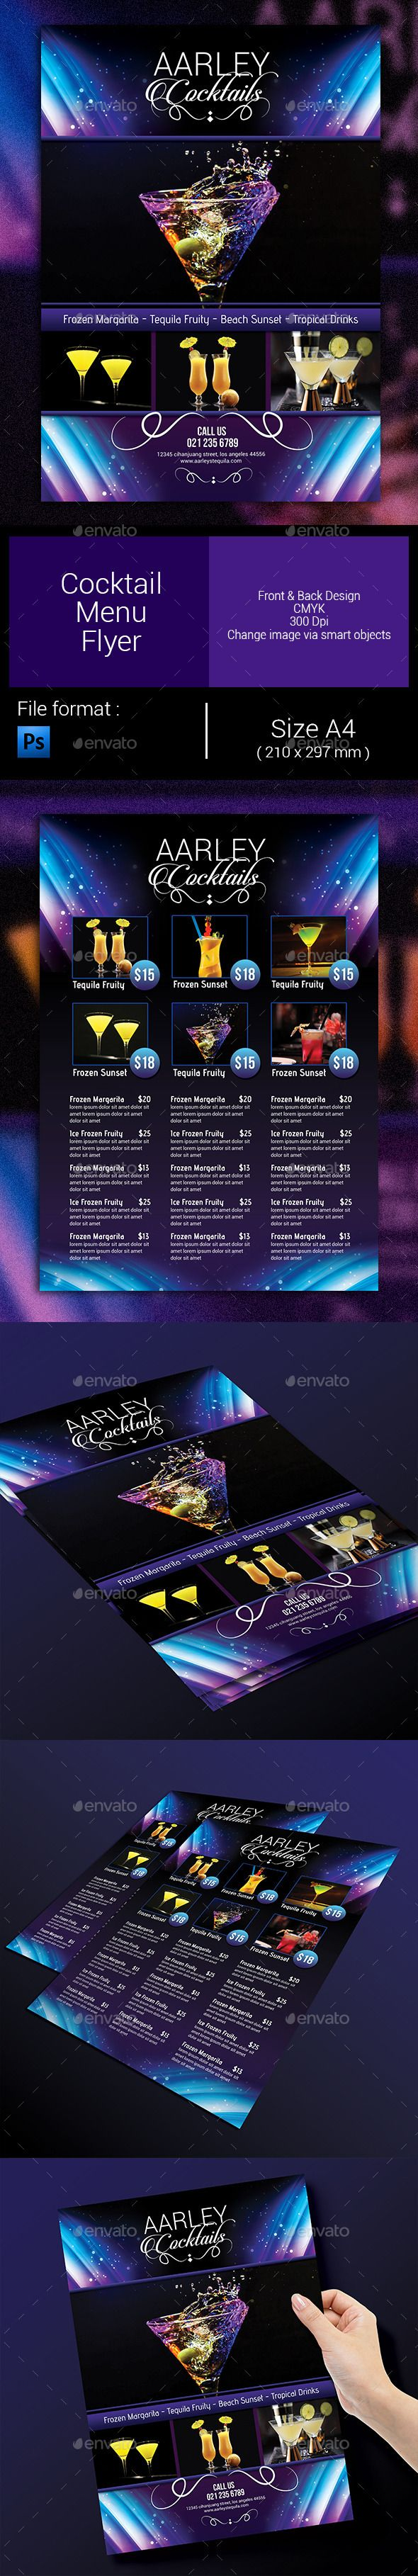 Cocktail Menu Flyer Template #design Download: http://graphicriver.net/item/cocktail-menu-flyer/9597041?ref=ksioks